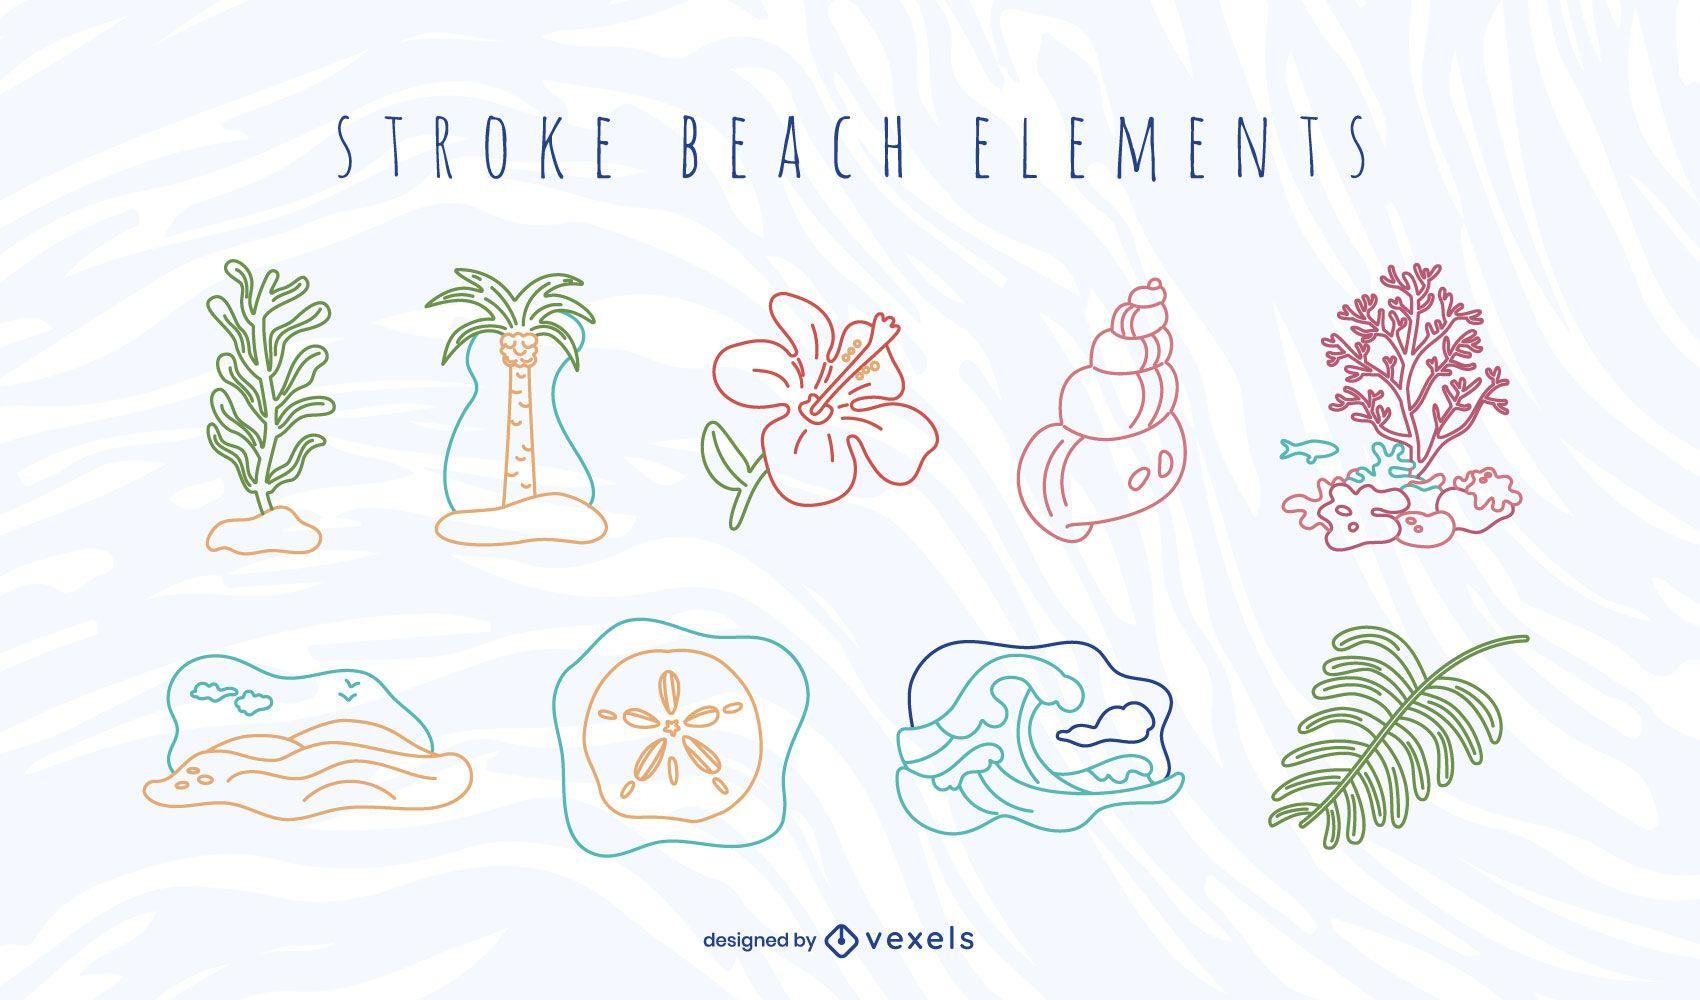 Conjunto de elementos de praia Stroke